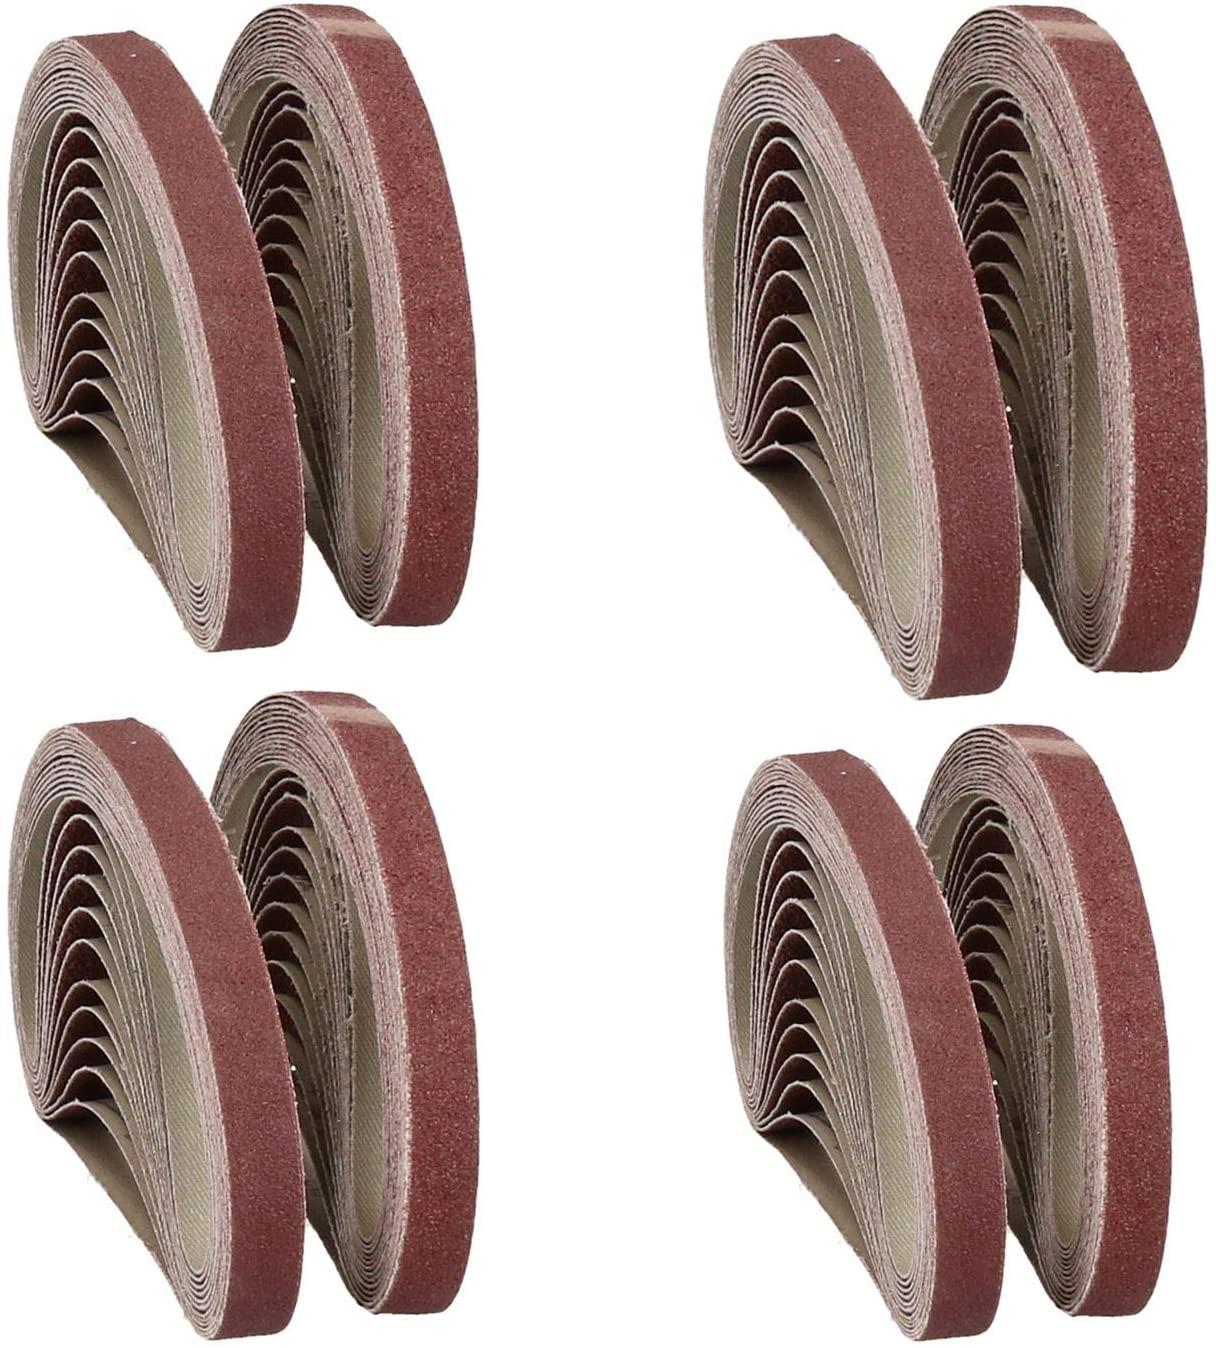 457mm x 13mm Mixed Grit Abrasive Sanding Belts Power File Sander Belt 100 Pack